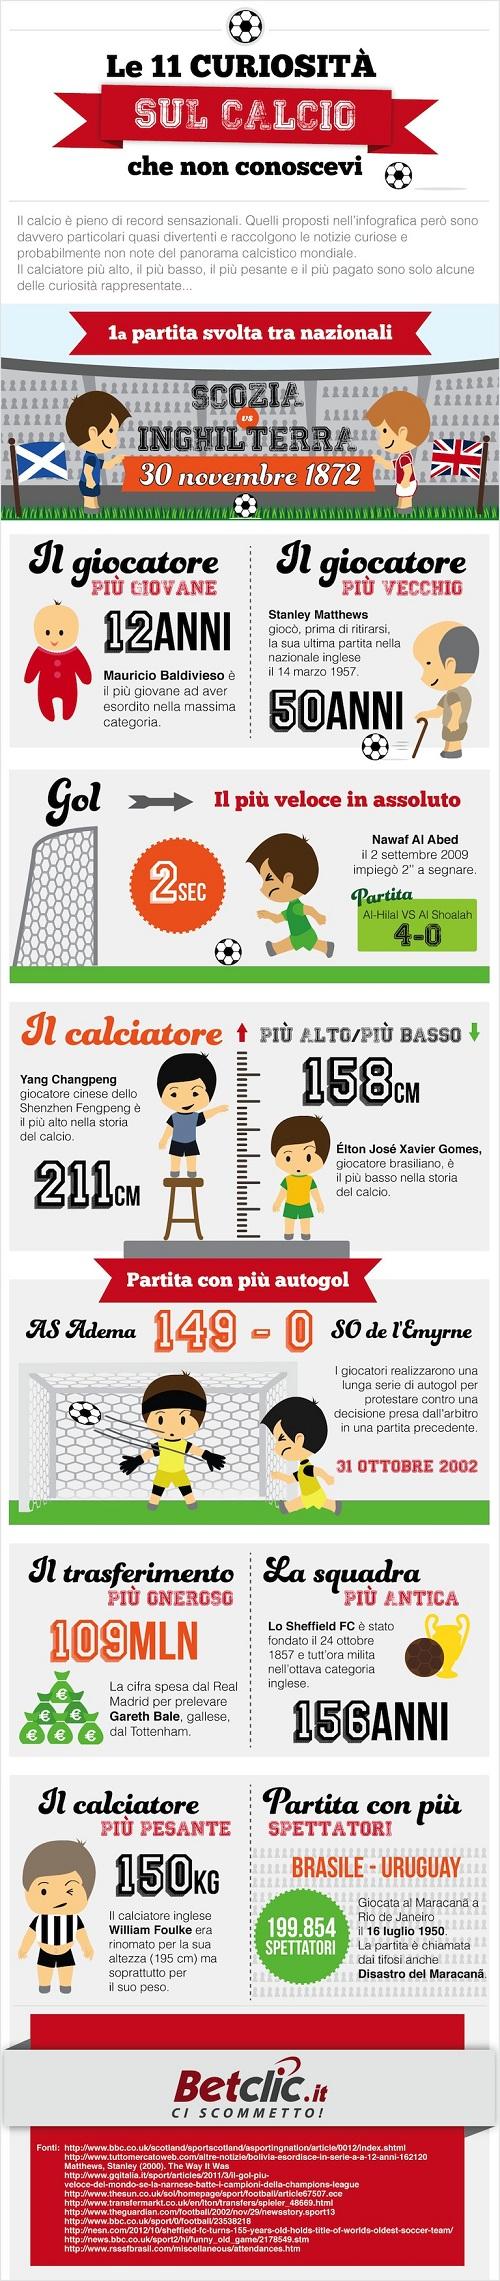 11 curiosita sul calcio